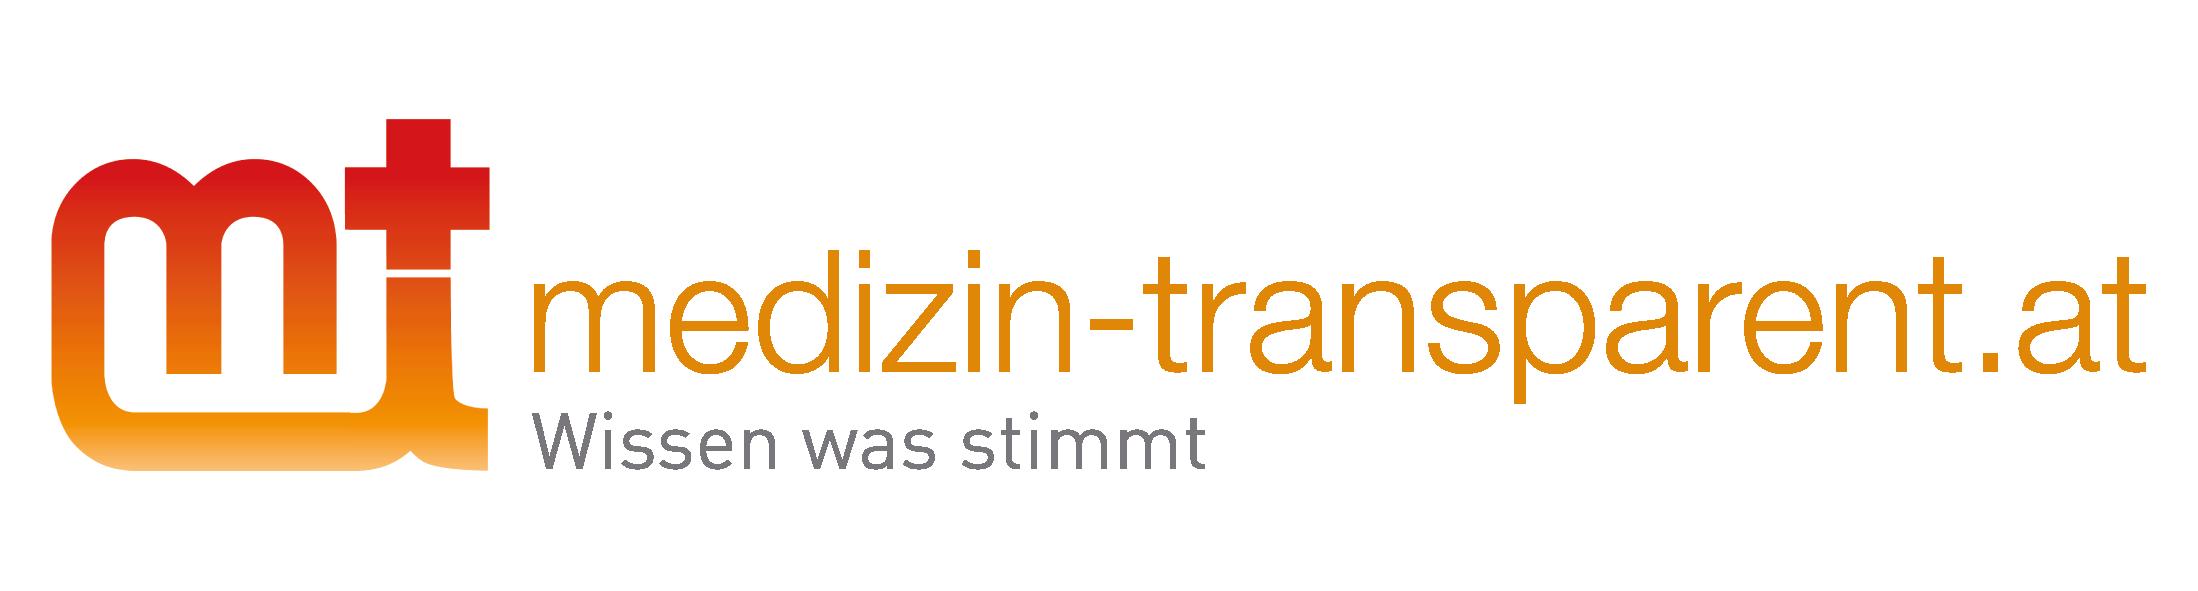 medizin transparent.at, ein Projekt von Cochrane Österreich